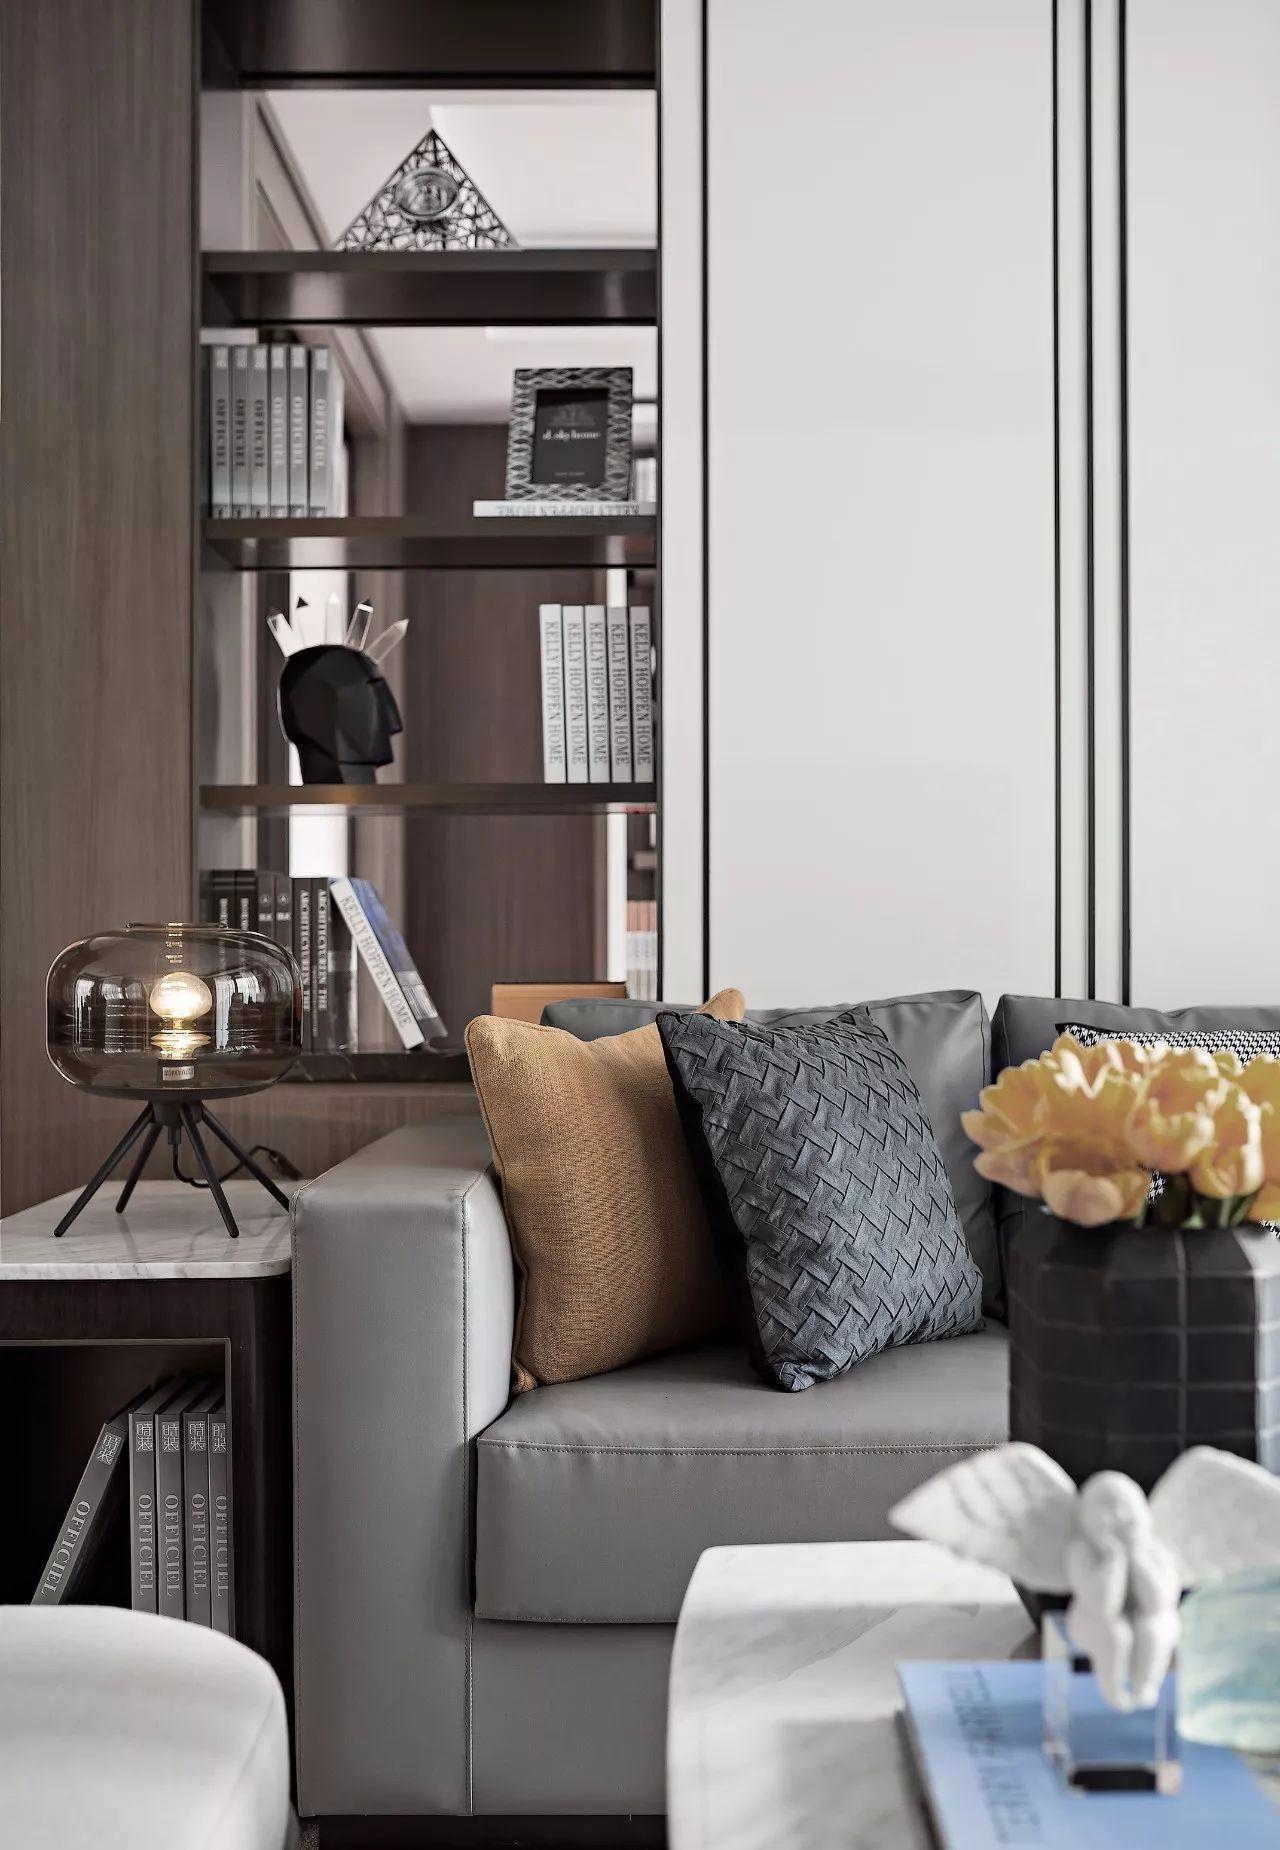 Elegant And Elegant Is A Style Of Life Global Design 1565 Global Design Wechat Public Elegant Living Living Room Design Modern Living Room Decor Modern